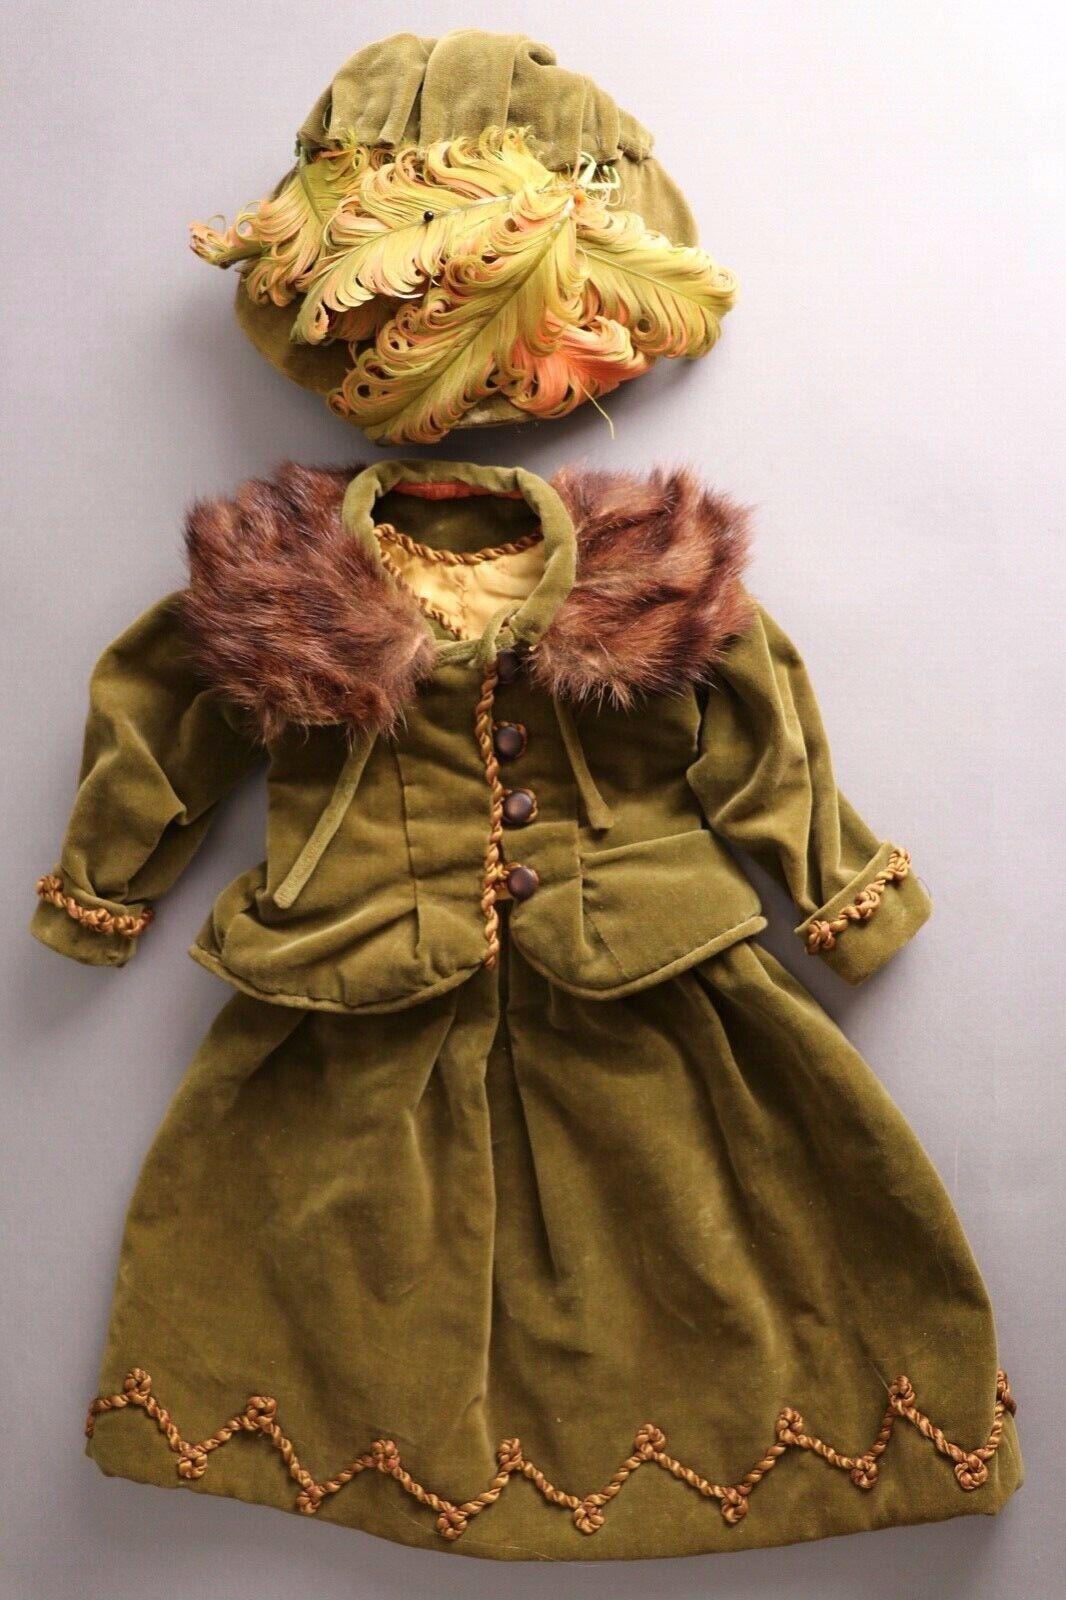 Impresionante Impresionante Impresionante Antiguo Vintage 4-pieza de ropa de terciopelo F Muñeca Biscuit francés, alemán  Tu satisfacción es nuestro objetivo